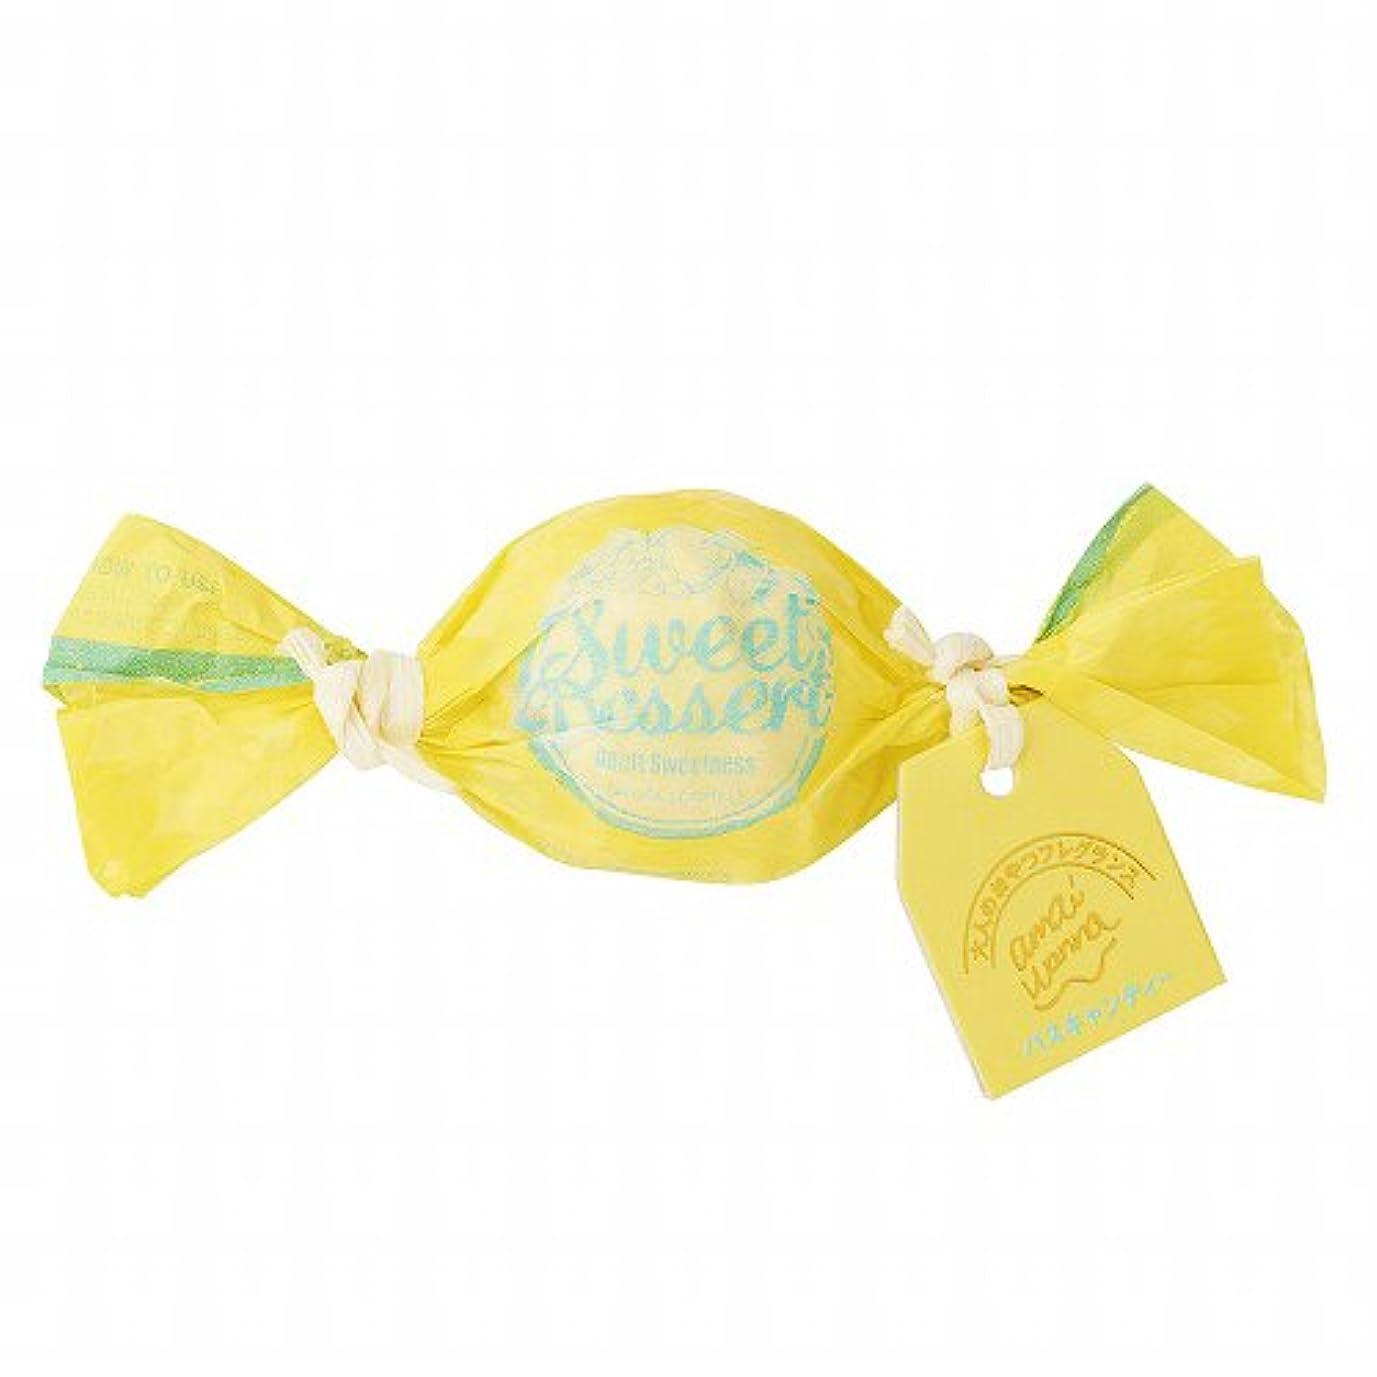 雑種スチュワード推測するアマイワナ バスキャンディー 1粒 大人の甘美デザート